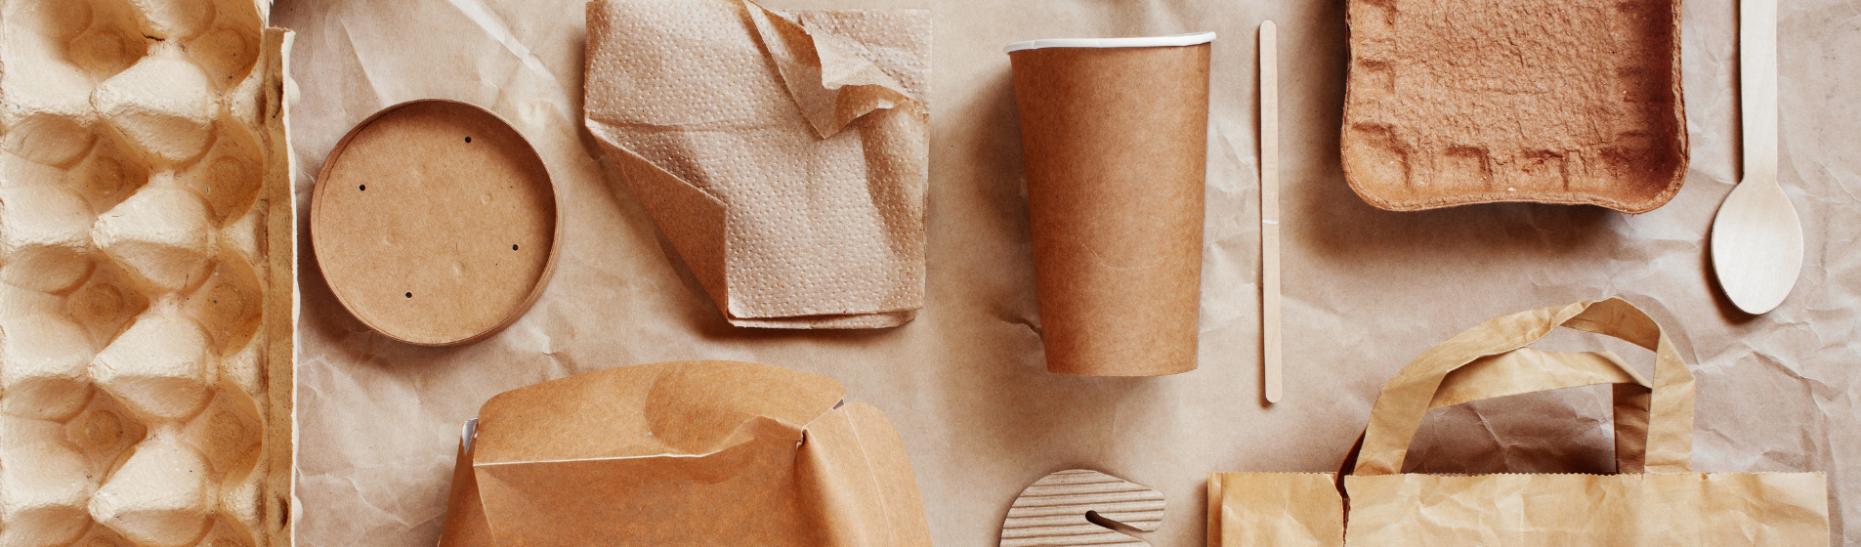 Brown packaging flat lay